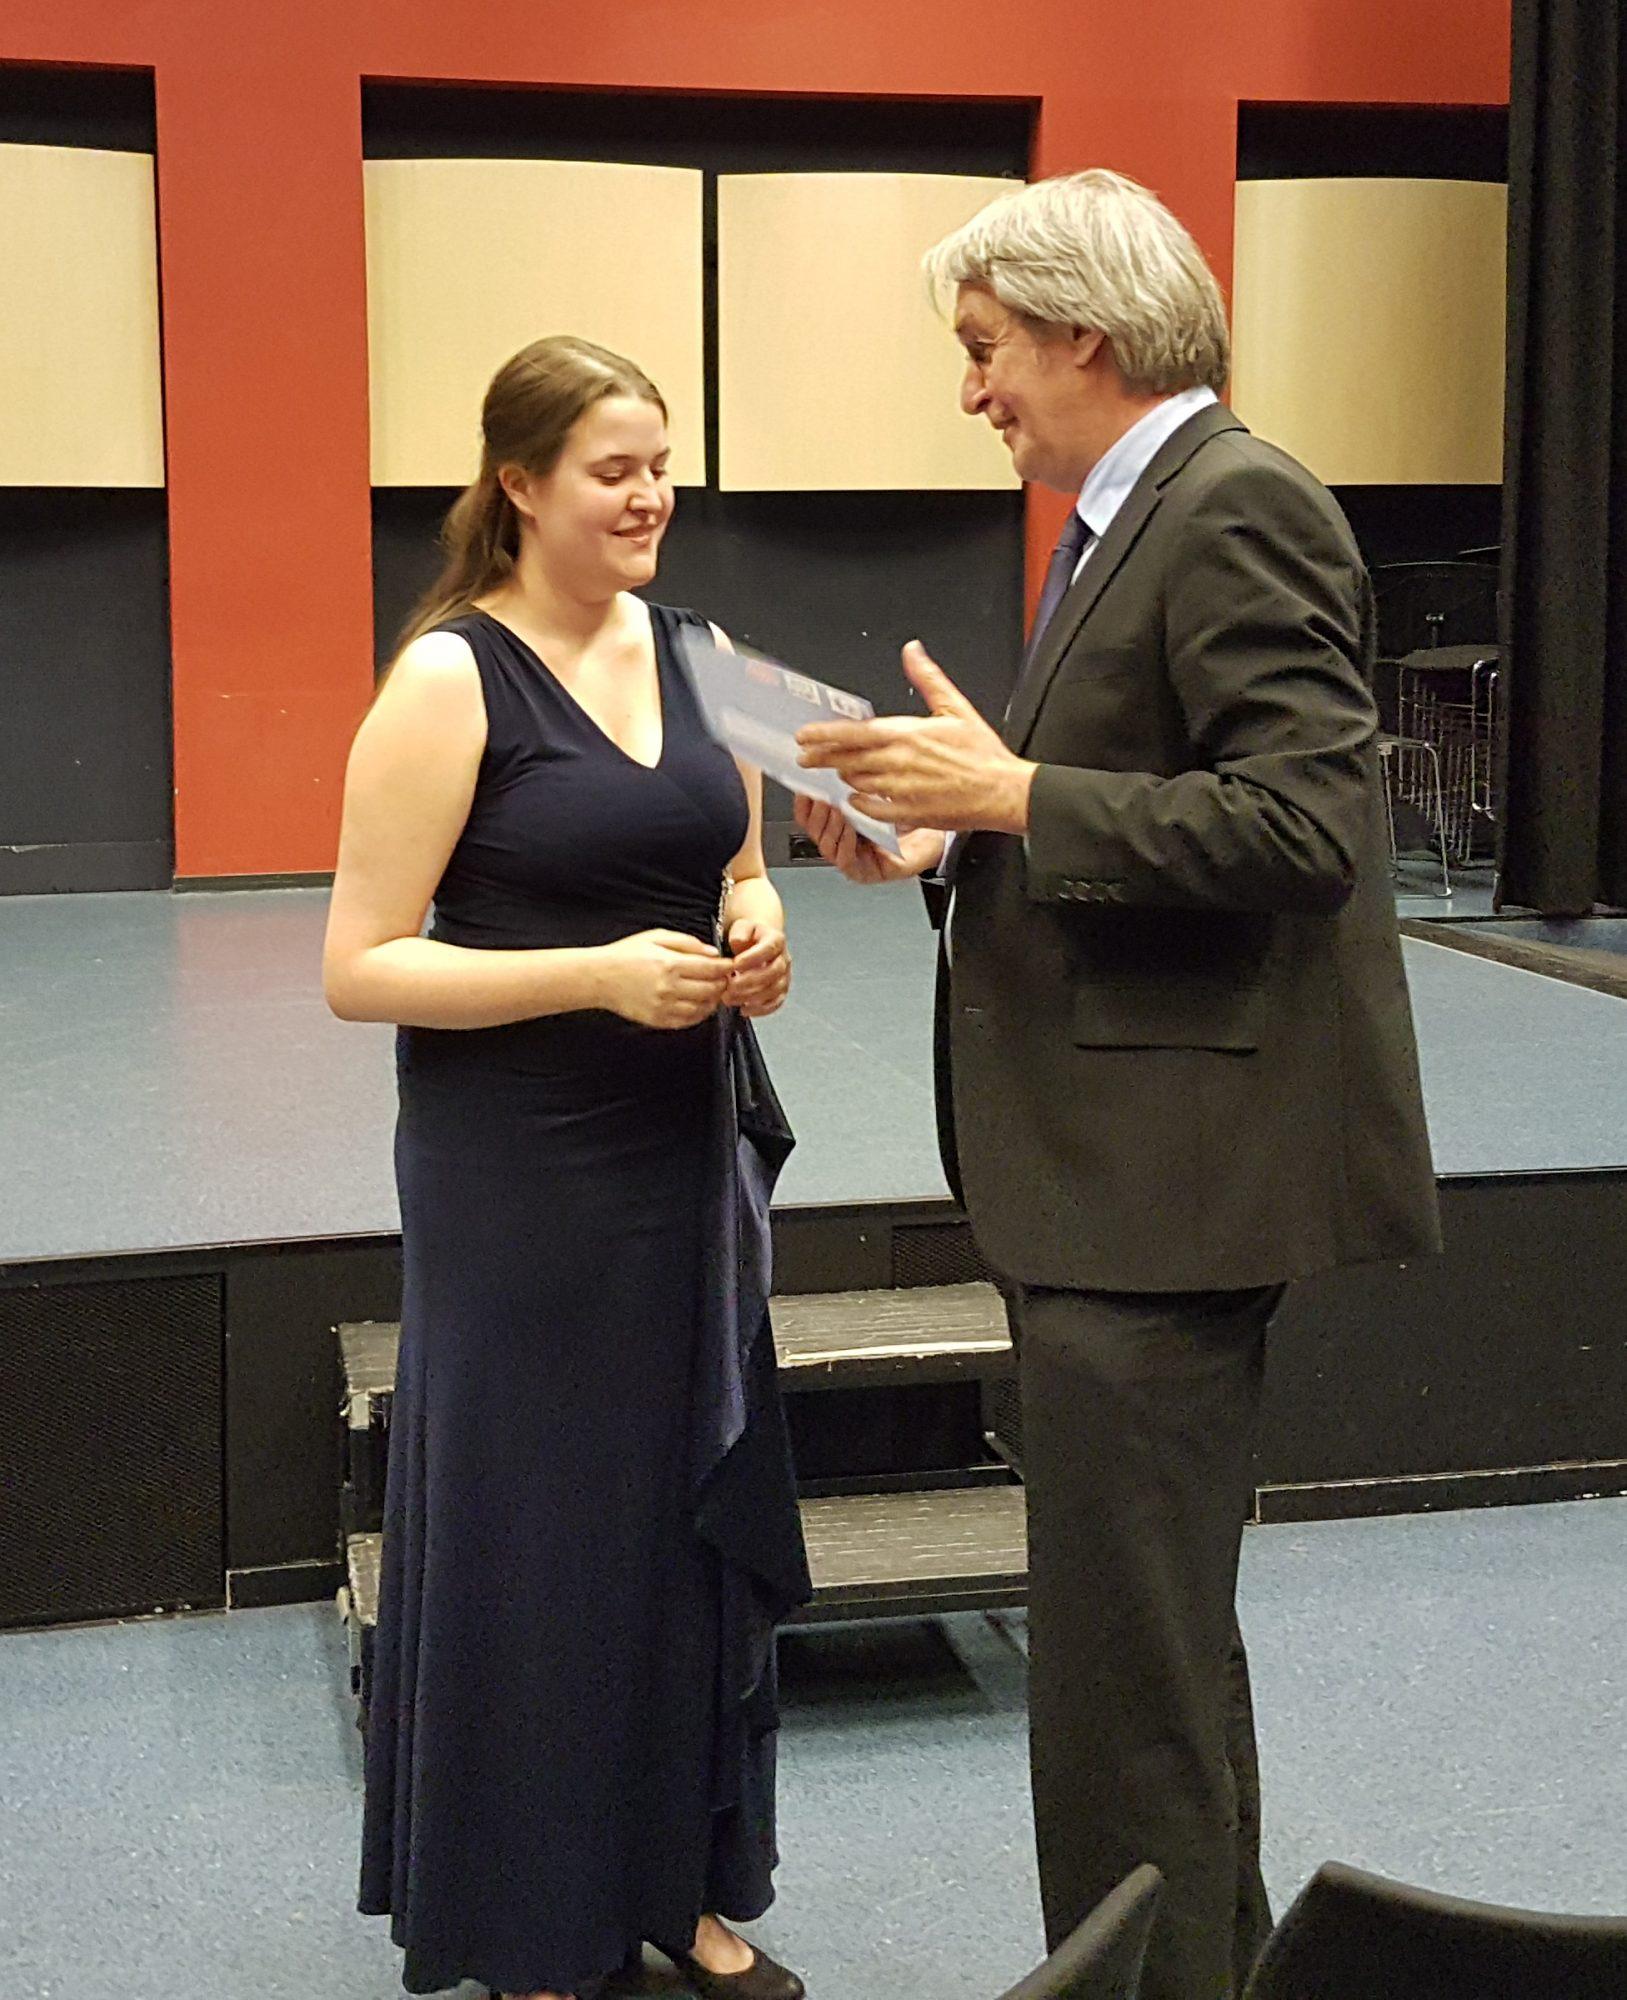 Winnaar van het concours Enide Lebrocquy - Sopraan met Geert van den Dungen